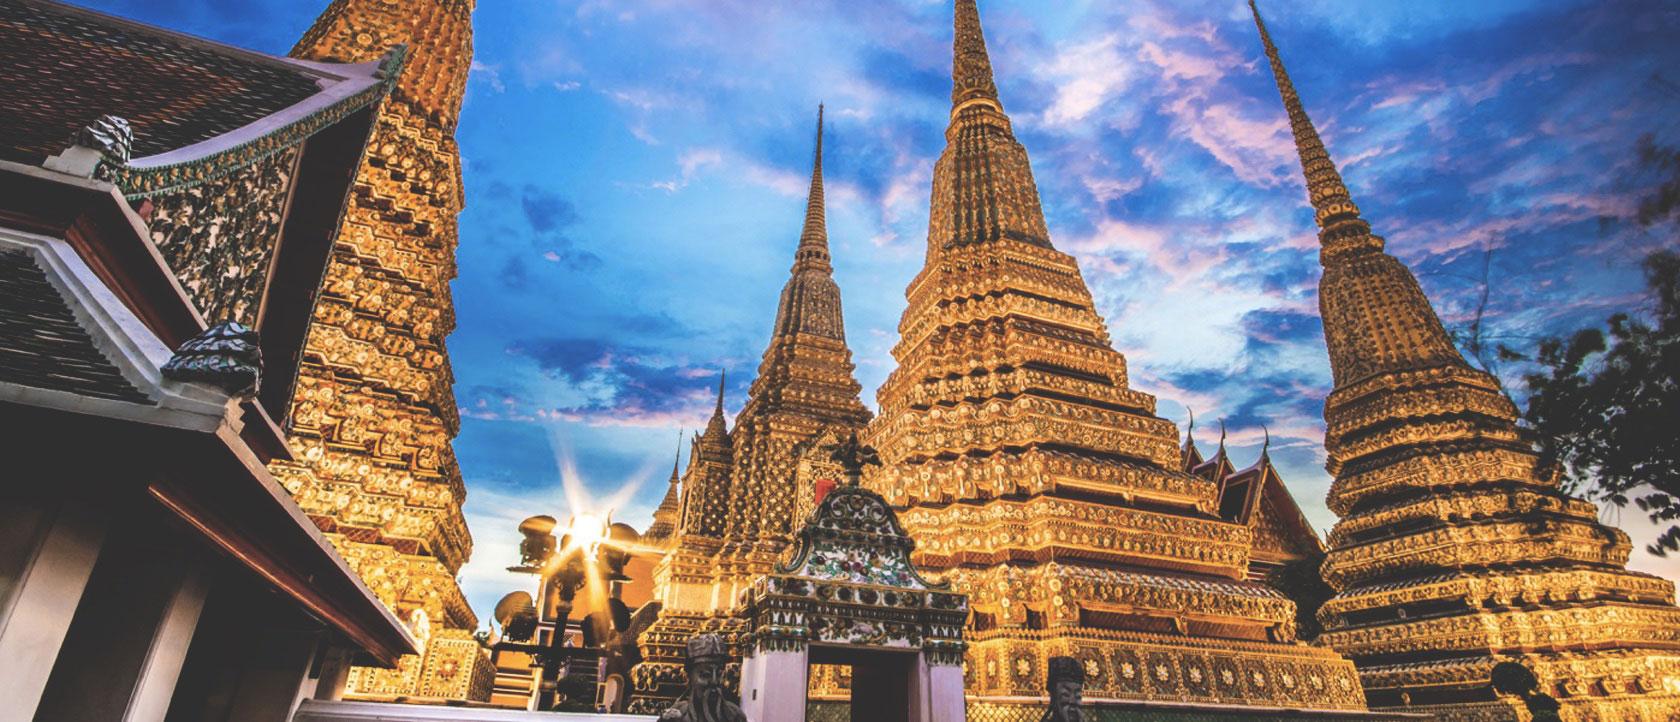 Bangkok-whyus